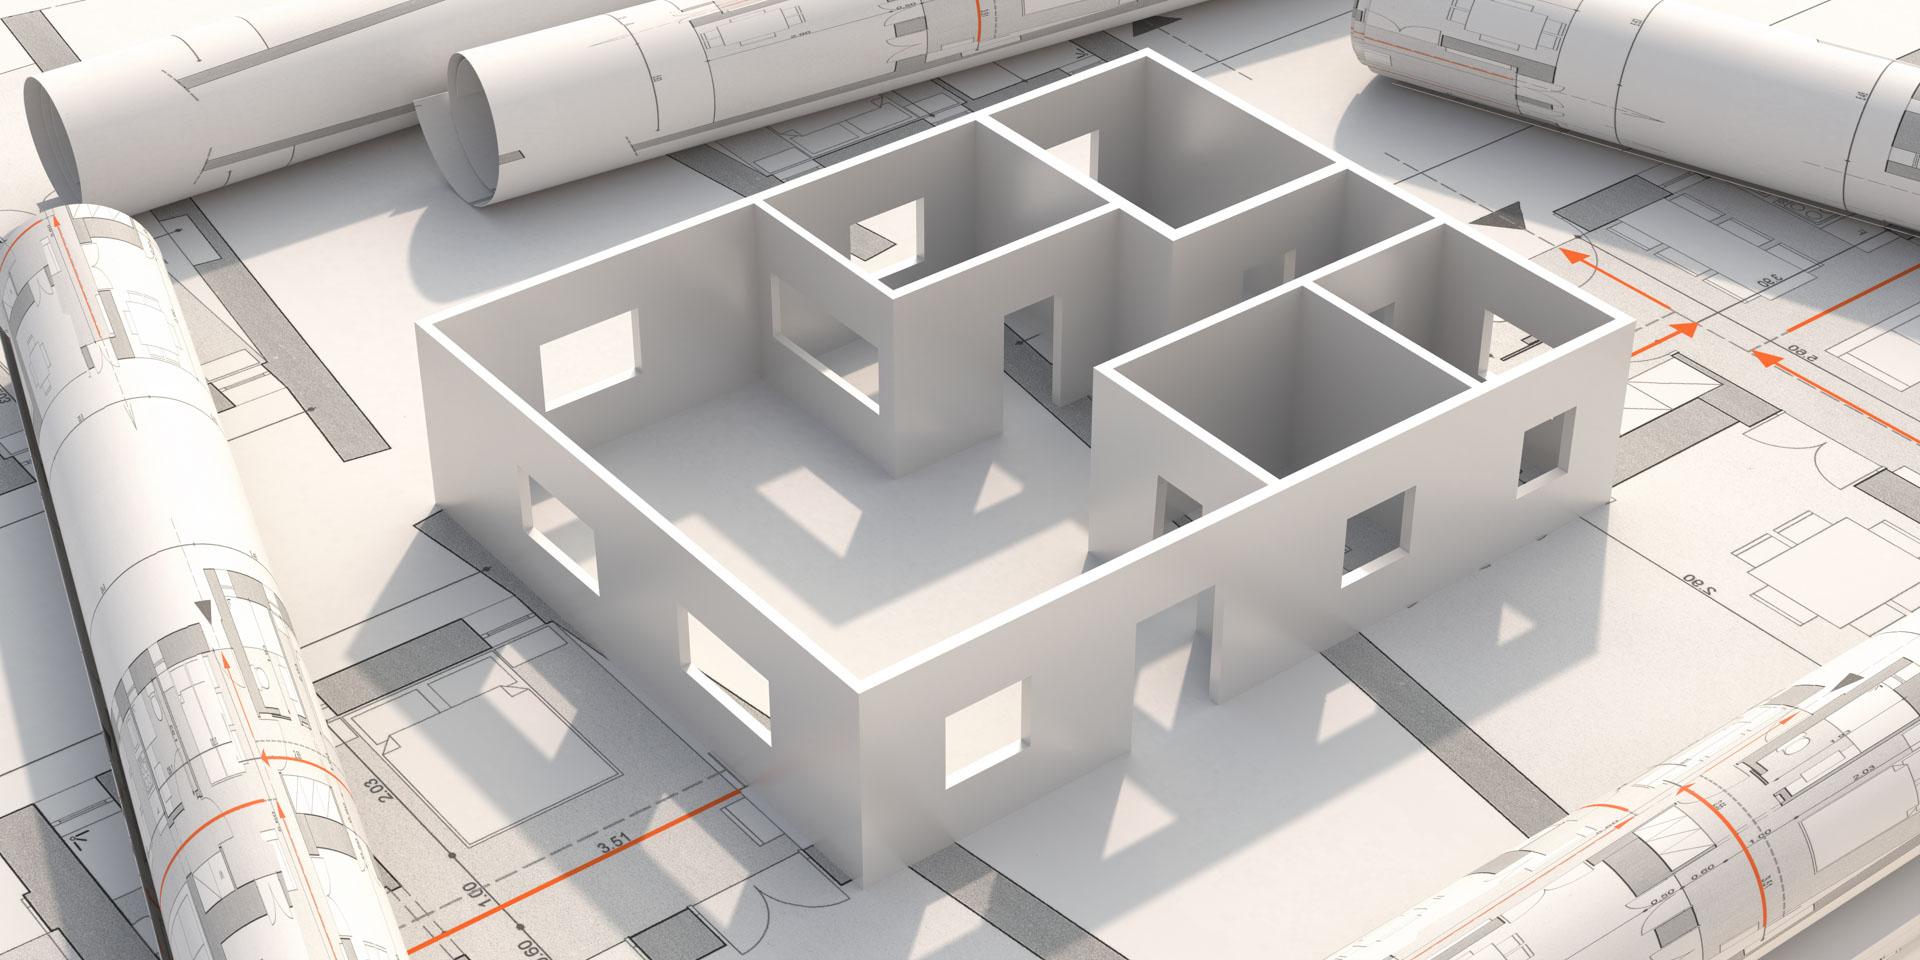 3D Grundriss eines Hauses